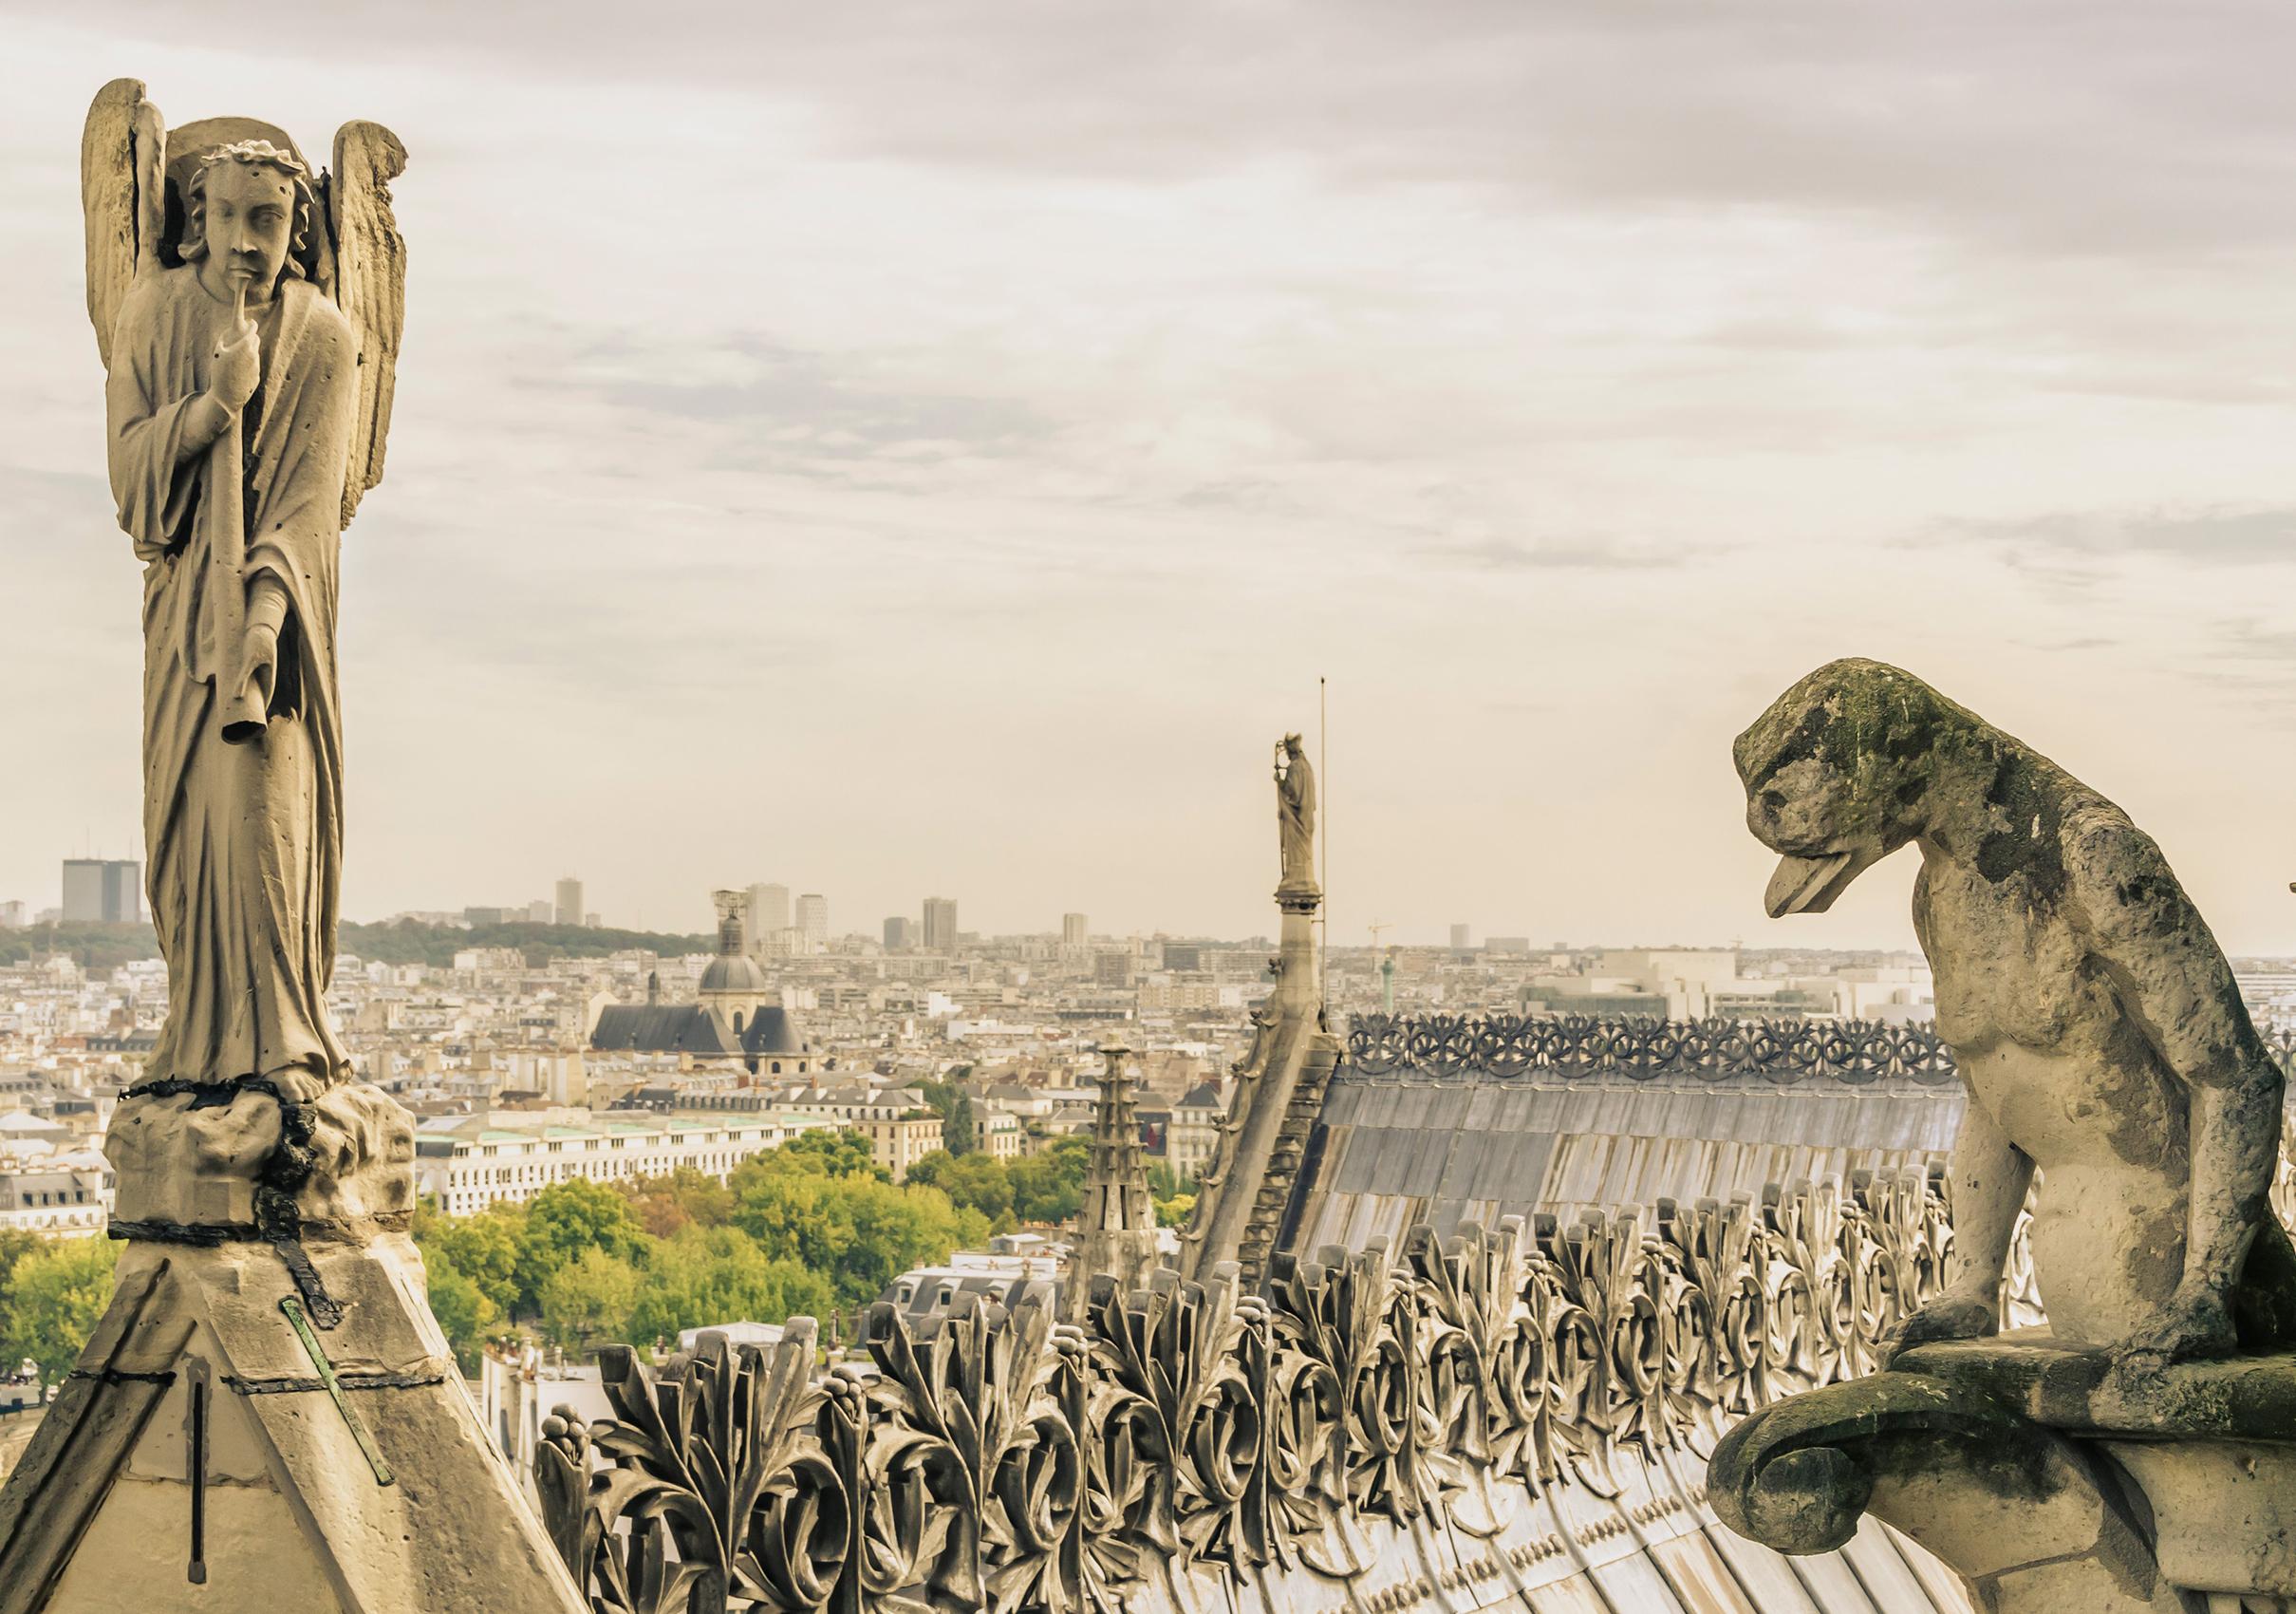 巴黎聖母院鐘塔上的石像怪聆聽著天使的號令,守護著教堂的安寧。(Alfonso de Tomas/shutterstock)